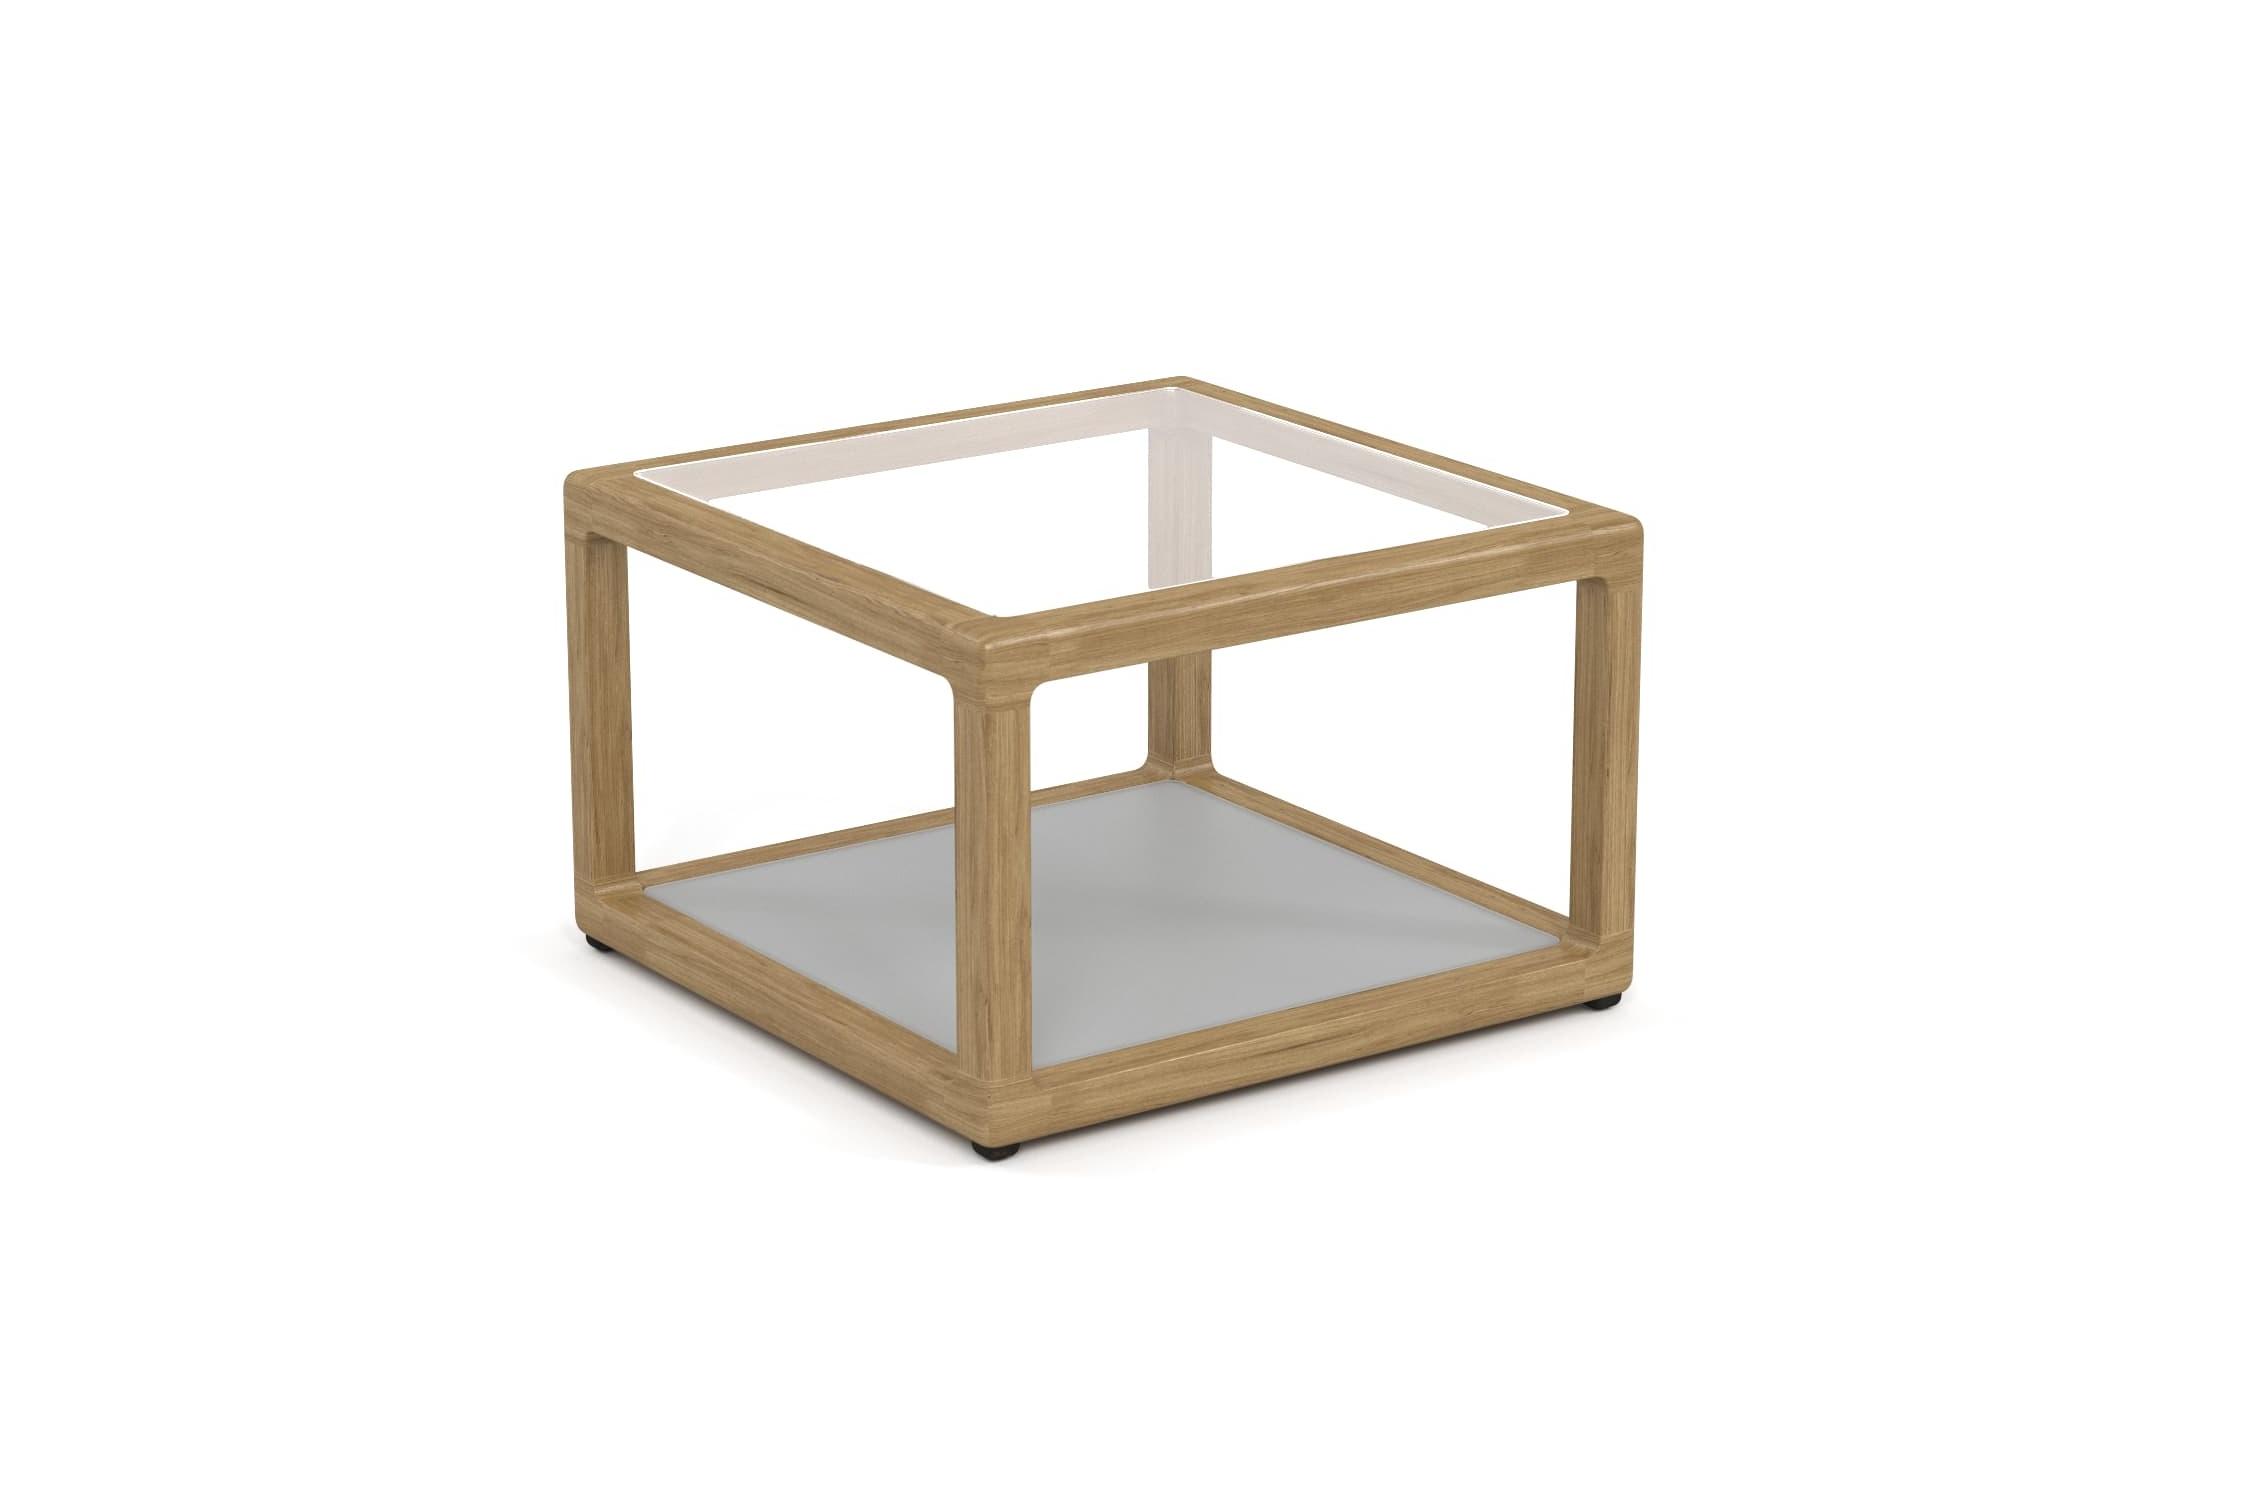 Стол журнальный SeagullСтолы и столики для сада<br>Коллекция SEAGULL – воплощение природной простоты и естественного совершенства. Мебель привлекает тёплыми тонами, уникальностью материала и идеальными пропорциями. Стеклянные столешницы обеденных и журнальных столов по цвету гармонируют с тканью подушек, удобные диваны и «утопающие» кресла дарят ощущения спокойствия и комфорта.&amp;nbsp;Ироко – экзотическая золотисто-коричневатая/оливково-коричневая древесина с золотистым оттенком. Цвет ироко практически не меняется со временем, немного темнеет и приобретает теплый маслянистый оттенок. По физическим свойствам не уступает тику. Древесина африканского тика не подвержена гниению и воздействию термитов, не требует дополнительной антибактериальной обработки. Мебель из ироко допускает круглогодичную эксплуатацию на открытом воздухе, выдерживает перепады температур от –30 до +30С. Срок службы более 20 лет.&amp;nbsp;Вся фурнитура изготовлена из нержавеющей стали на собственном производстве.<br><br><br><br>kit: None<br>gender: None